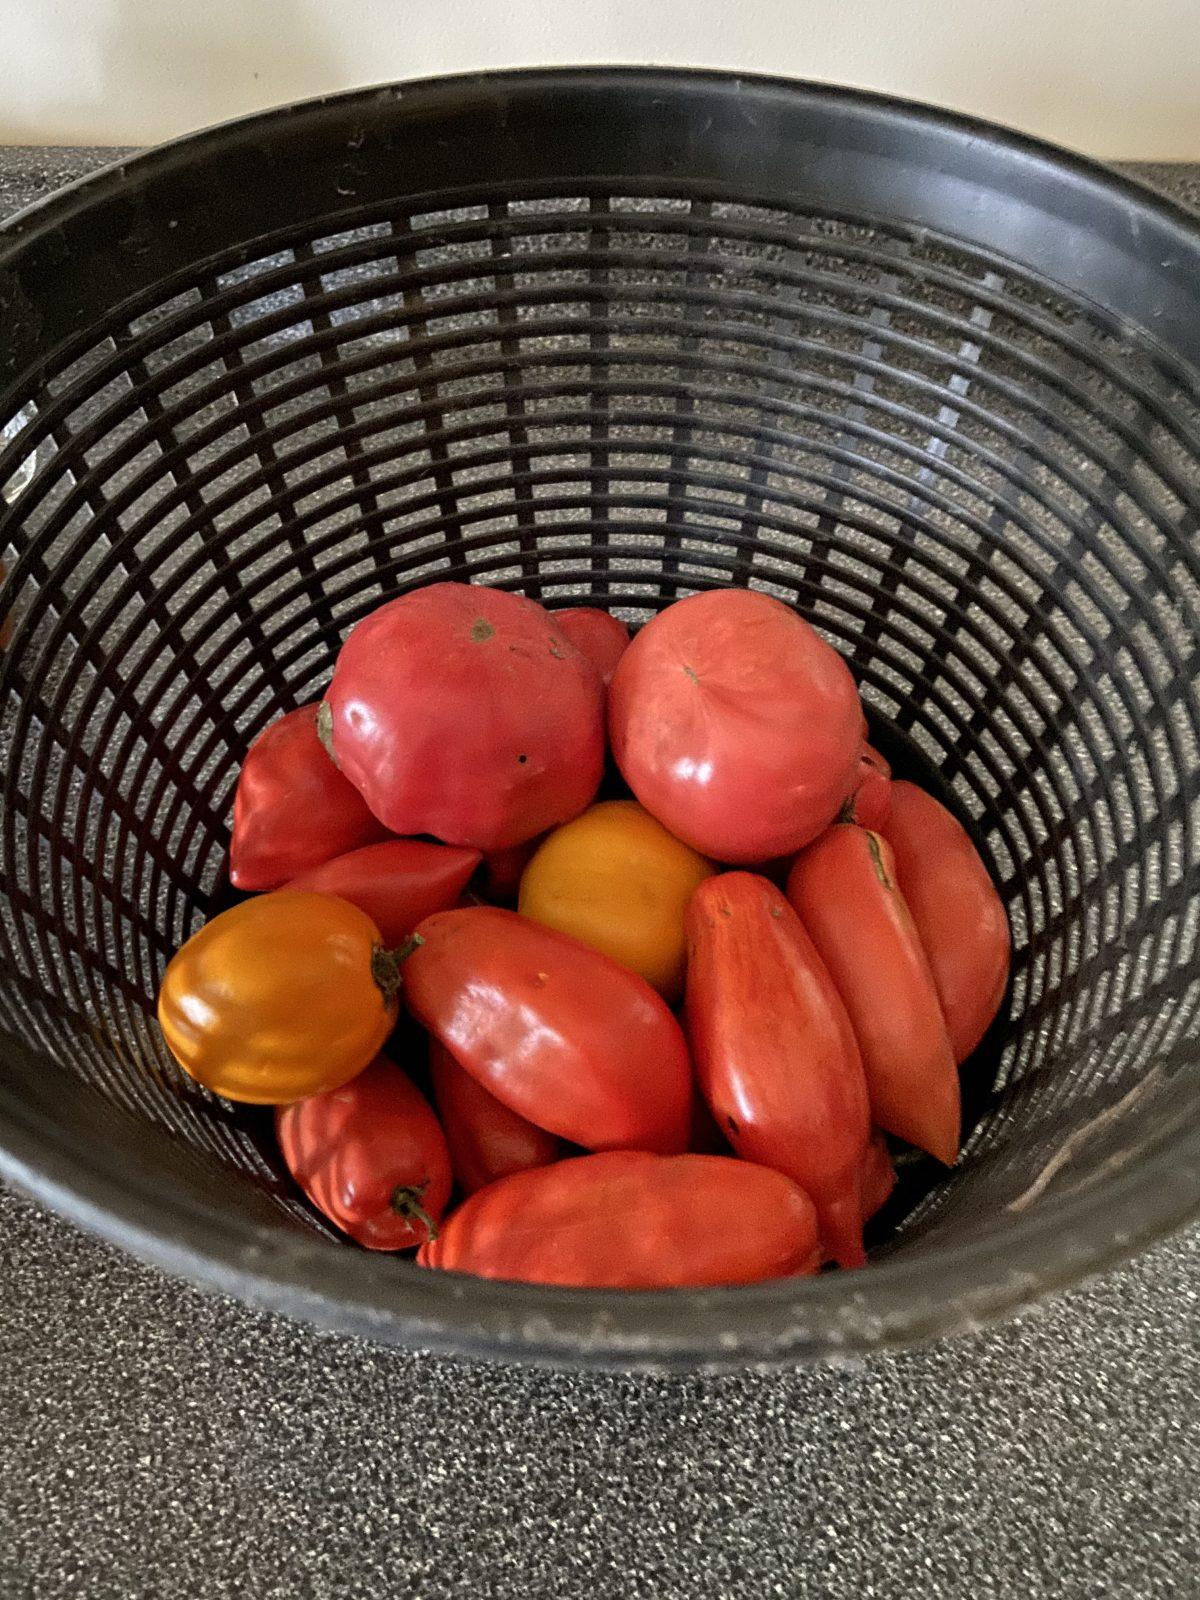 Tomatoes in November?